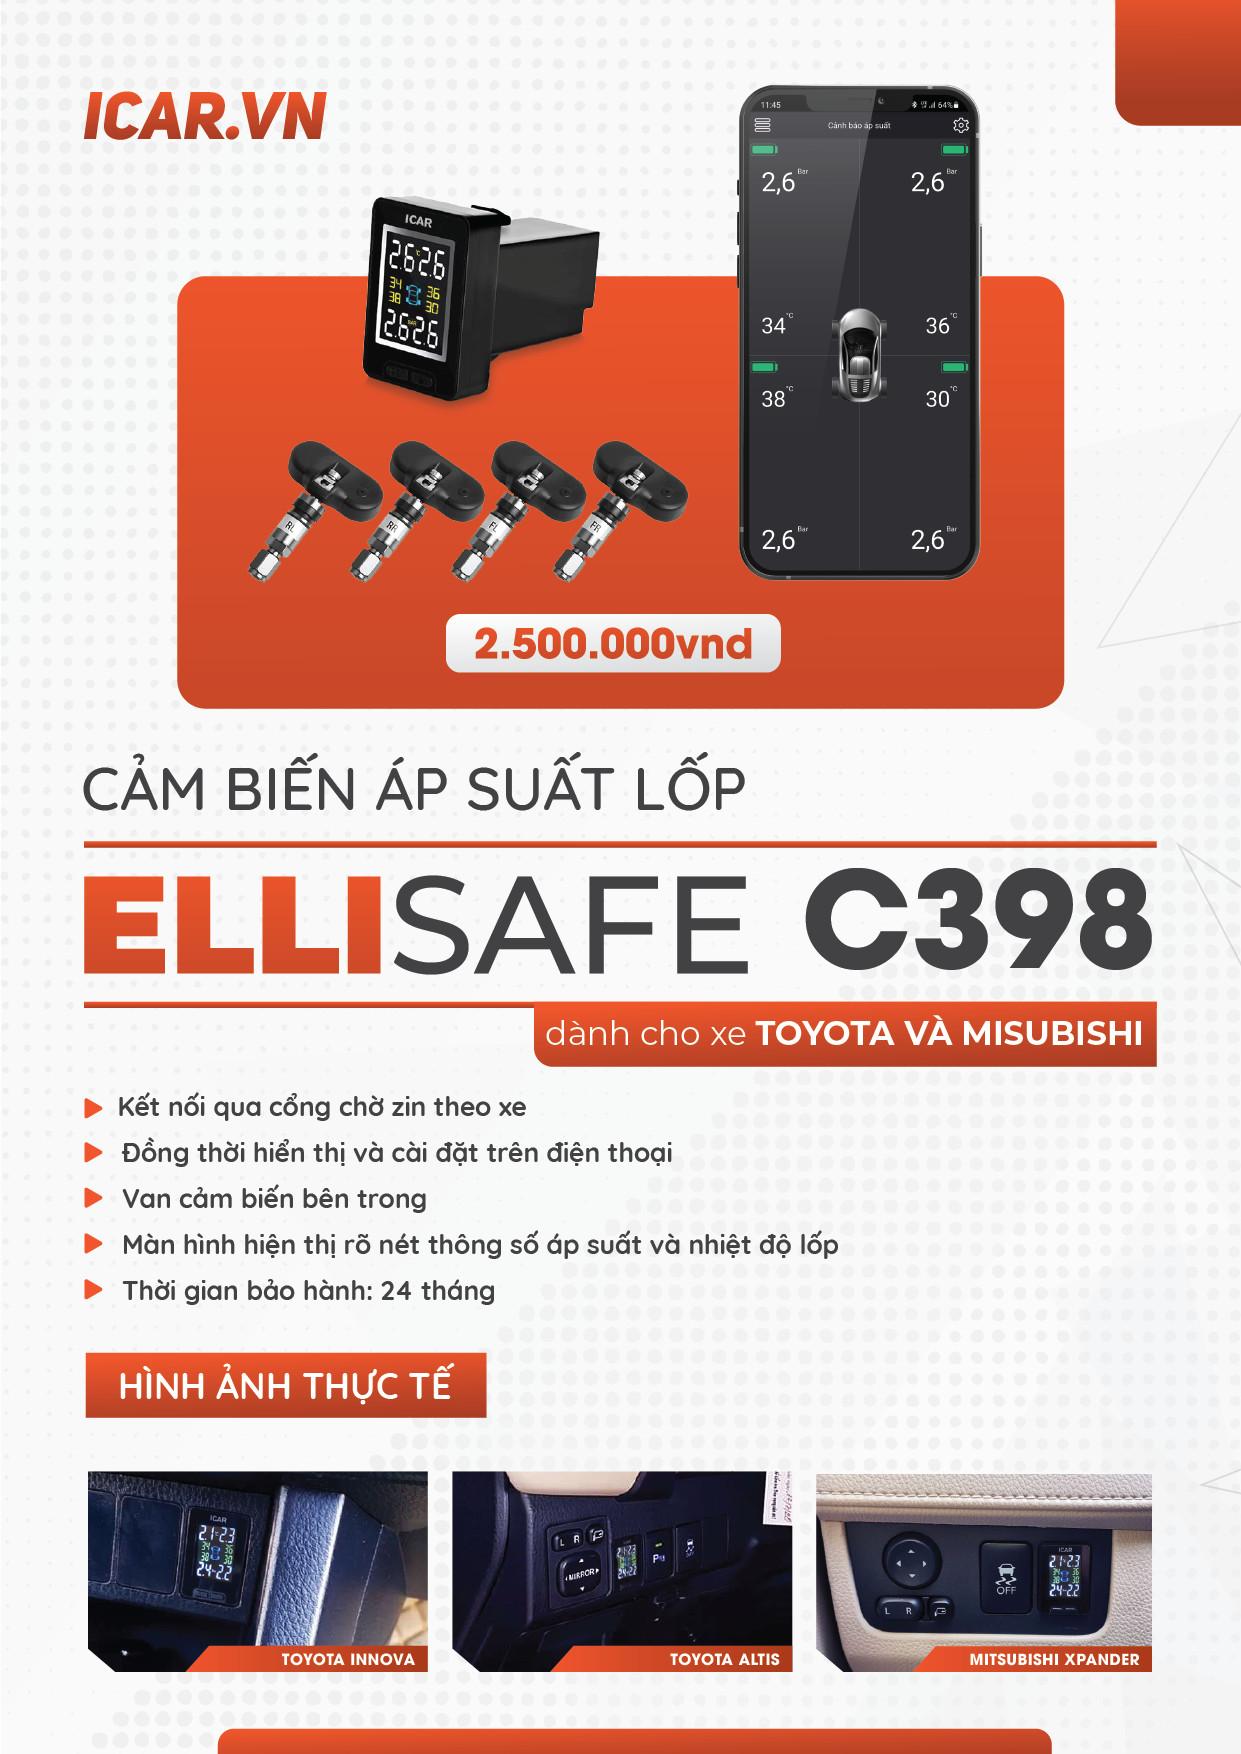 Cảm biến áp suất lốp tích hợp lỗ chờ Toyota & Mitshubishi, hiển thị trên điện thoại.